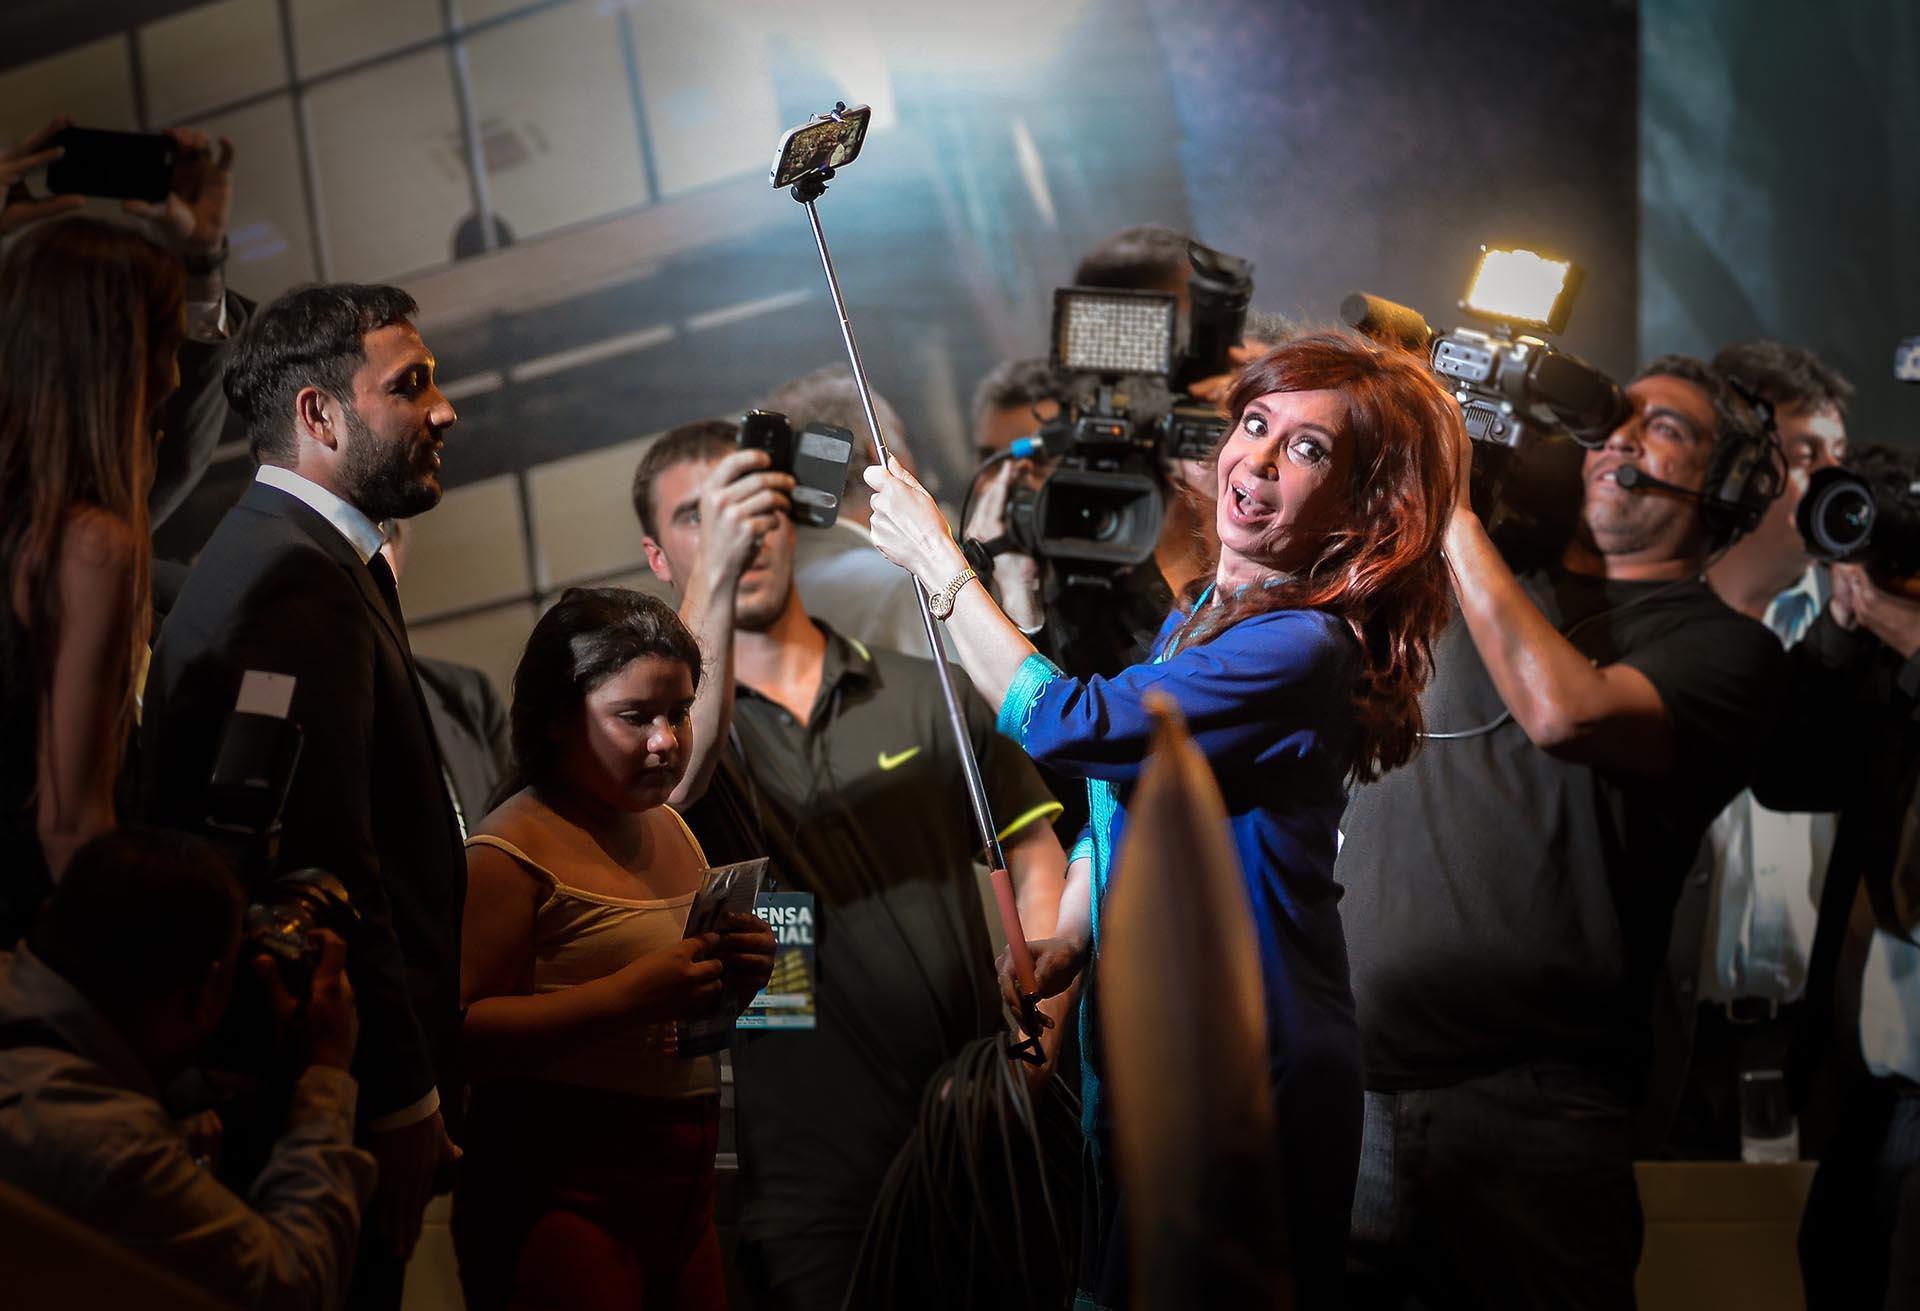 Cristina Fernández de Kirchner durante la inauguración de la nueva Municipalidad Inteligente del municipio de Berazategui (Fernando Pérez Re)